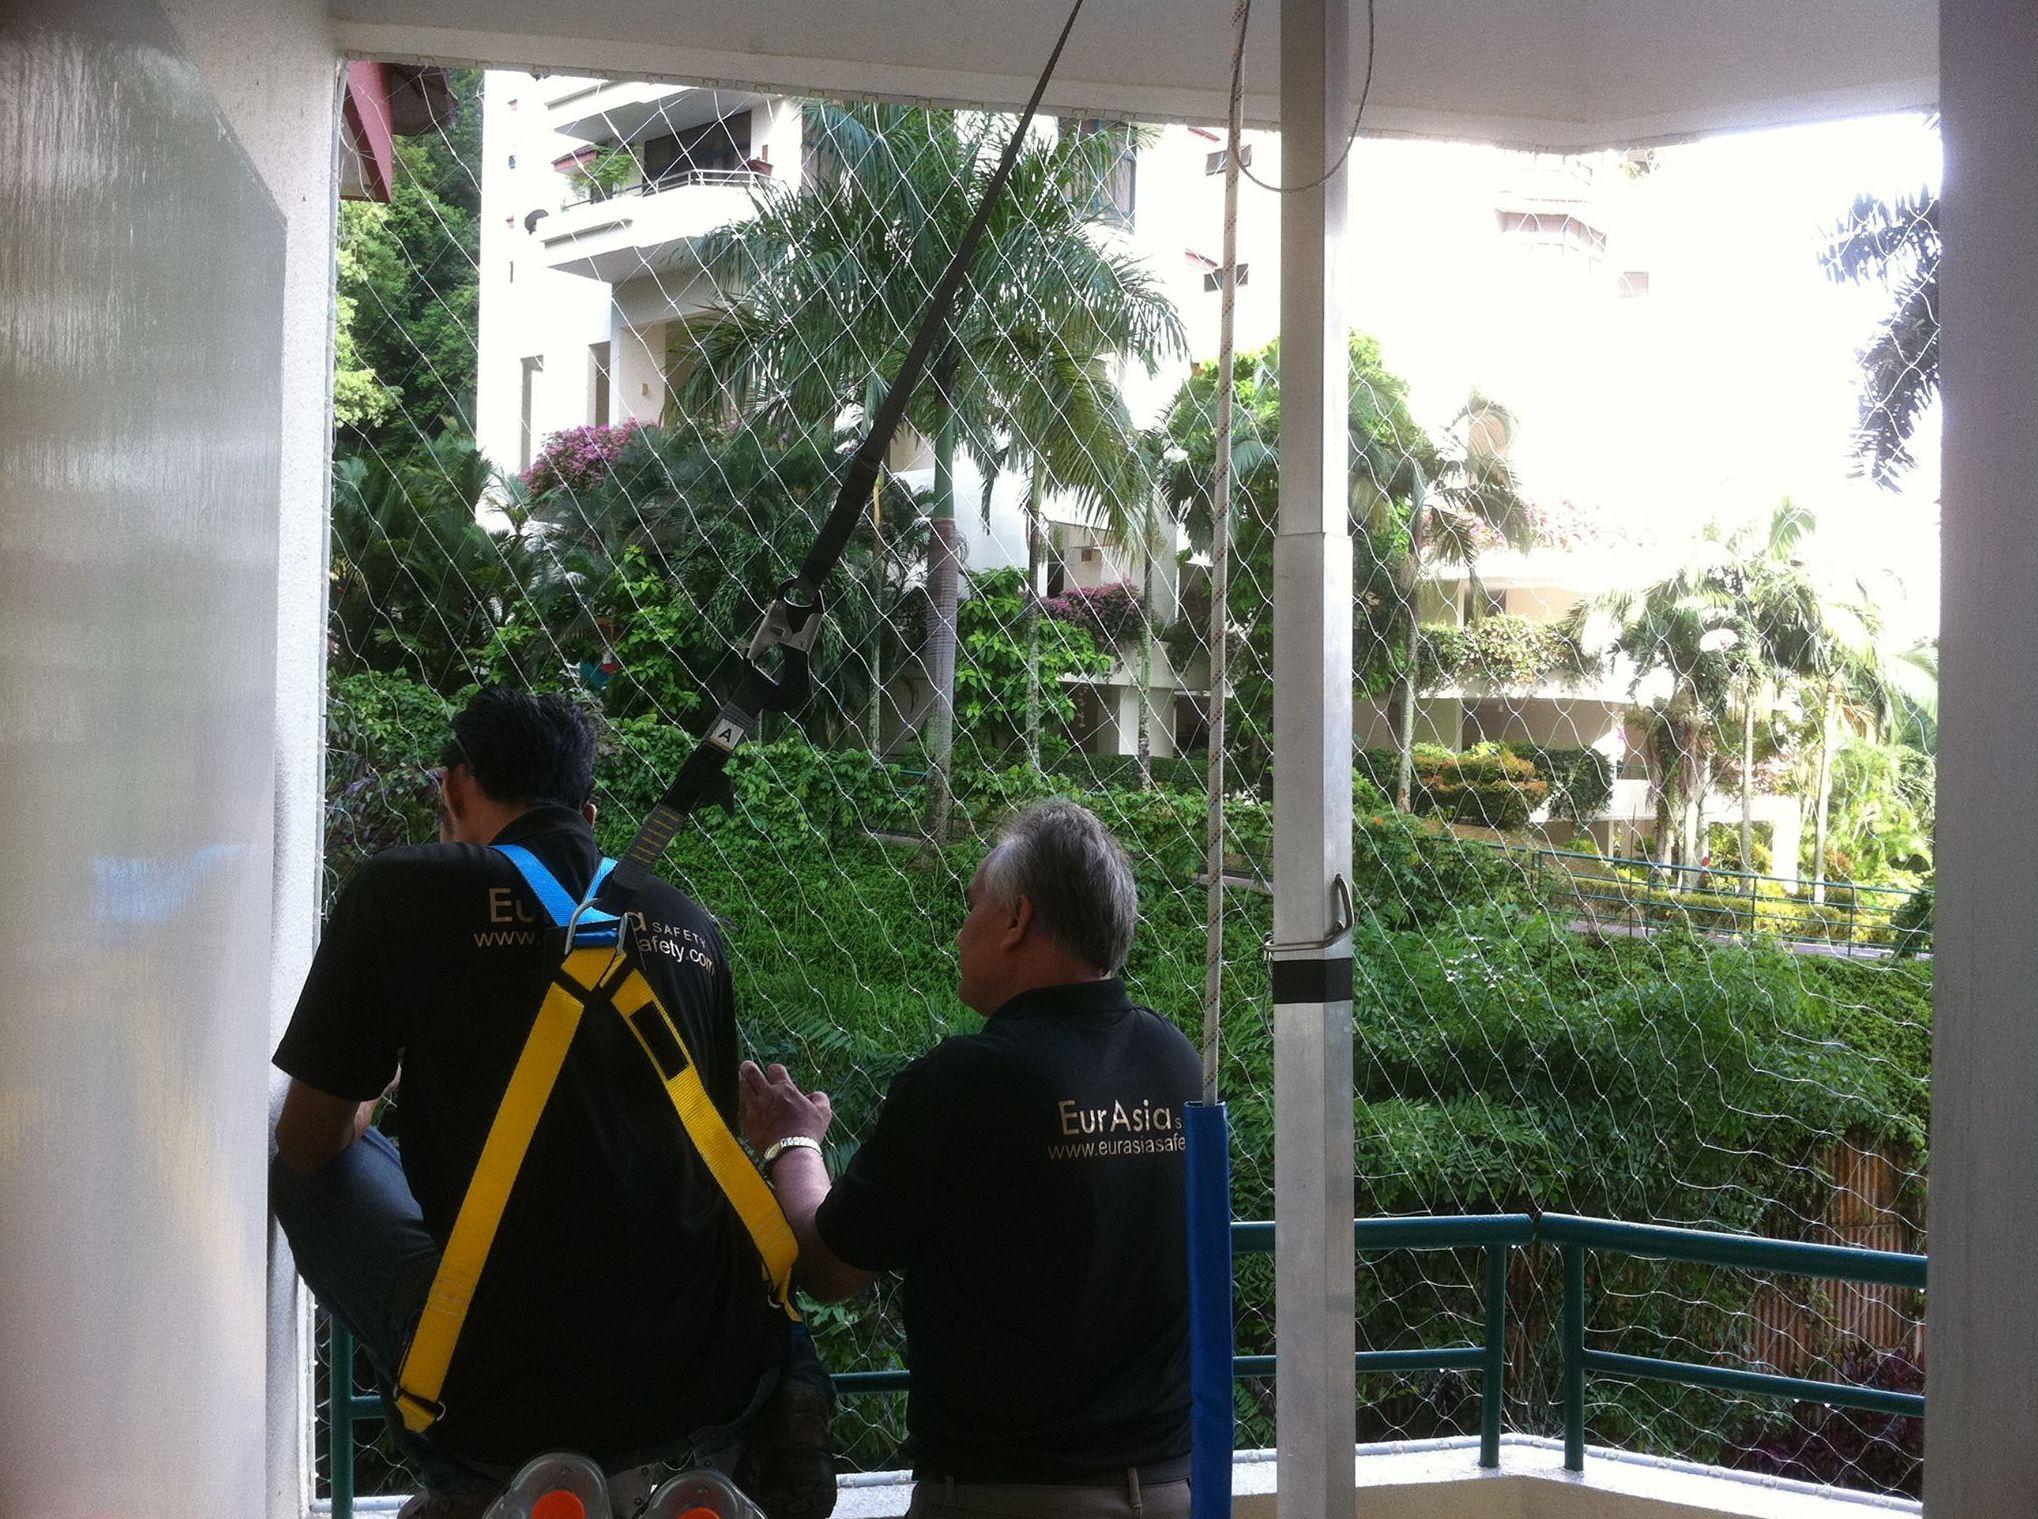 Instalación de redes invisibles con el SYAM, en Penang (Malasia)